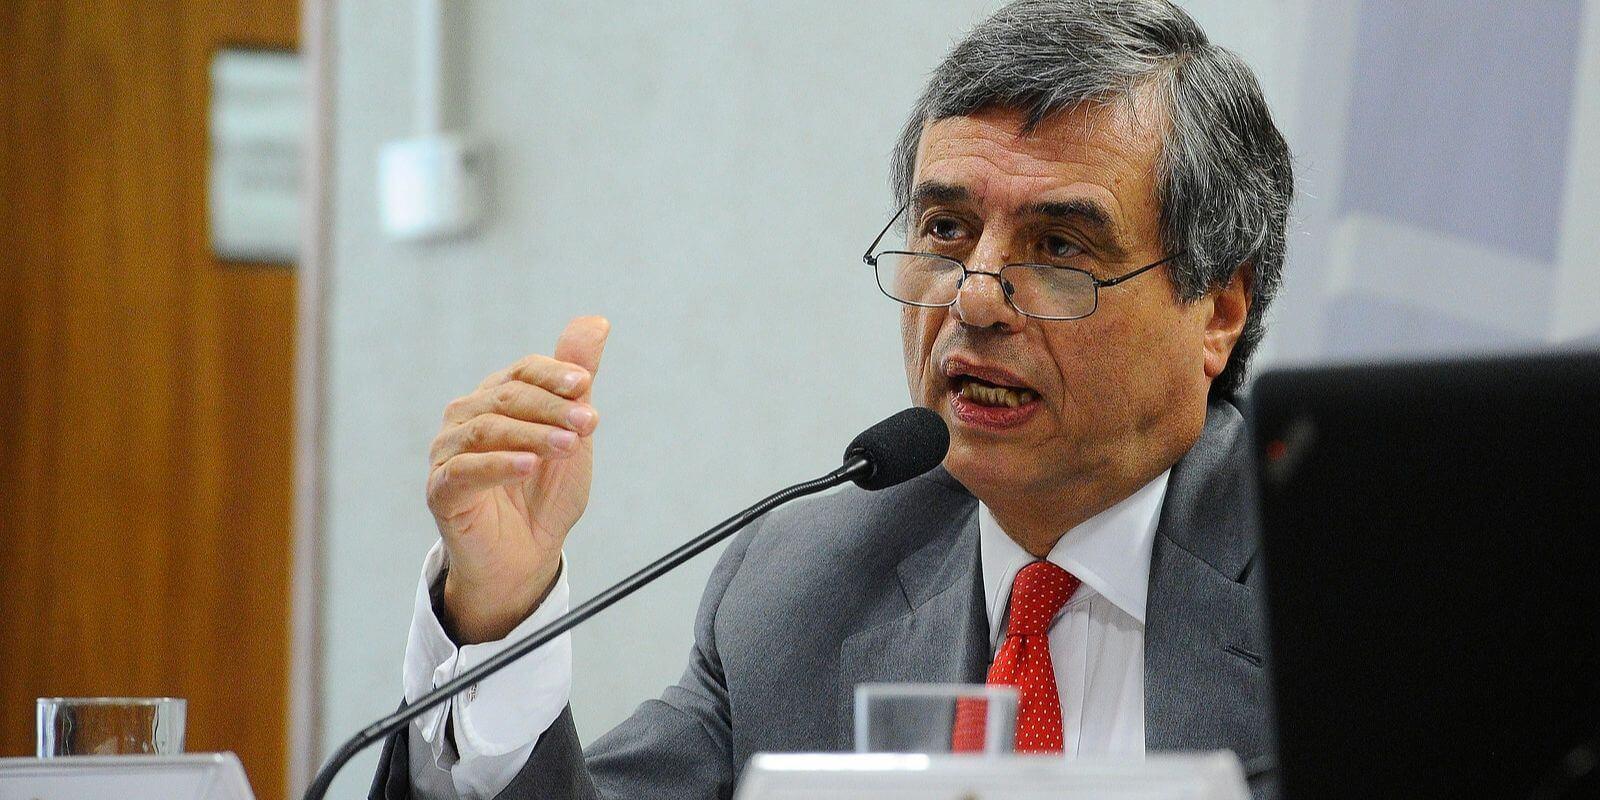 Le président de la Fédération des banques brésiliennes tacle les cryptos